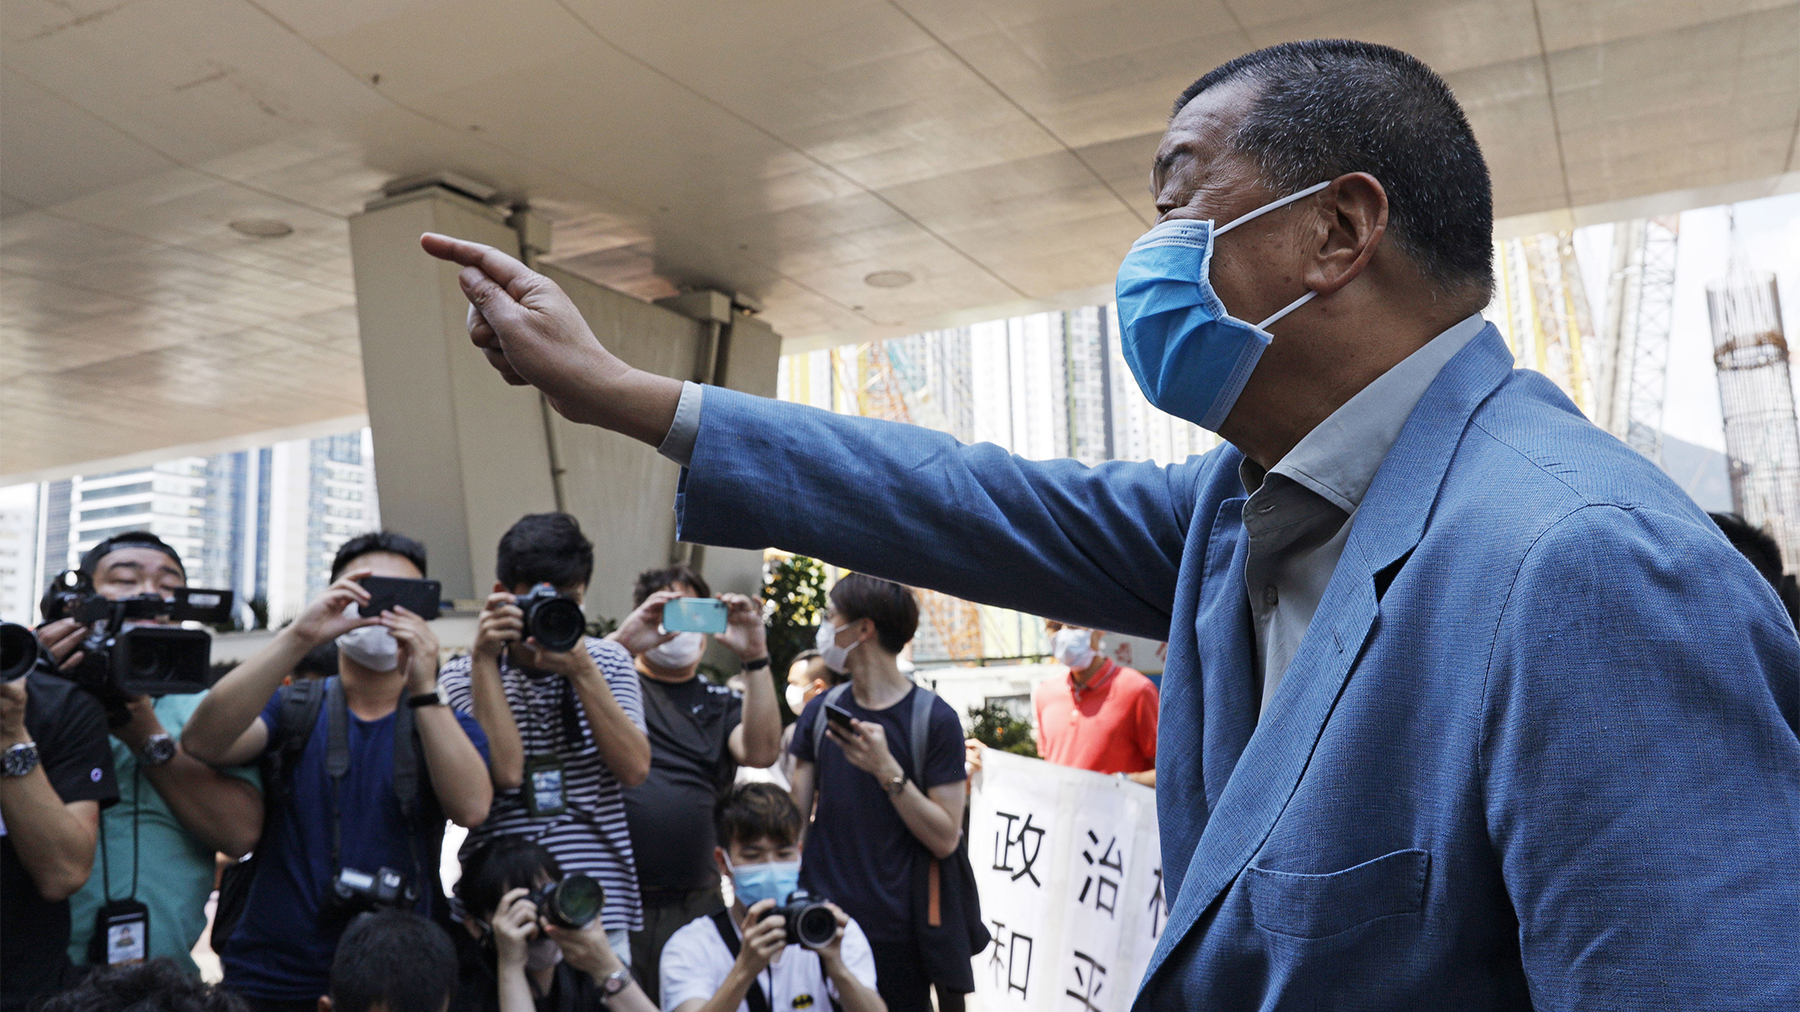 香港媒体大亨黎智英于2020年5月5日进入法庭之前向支持者挥手。(美联社)